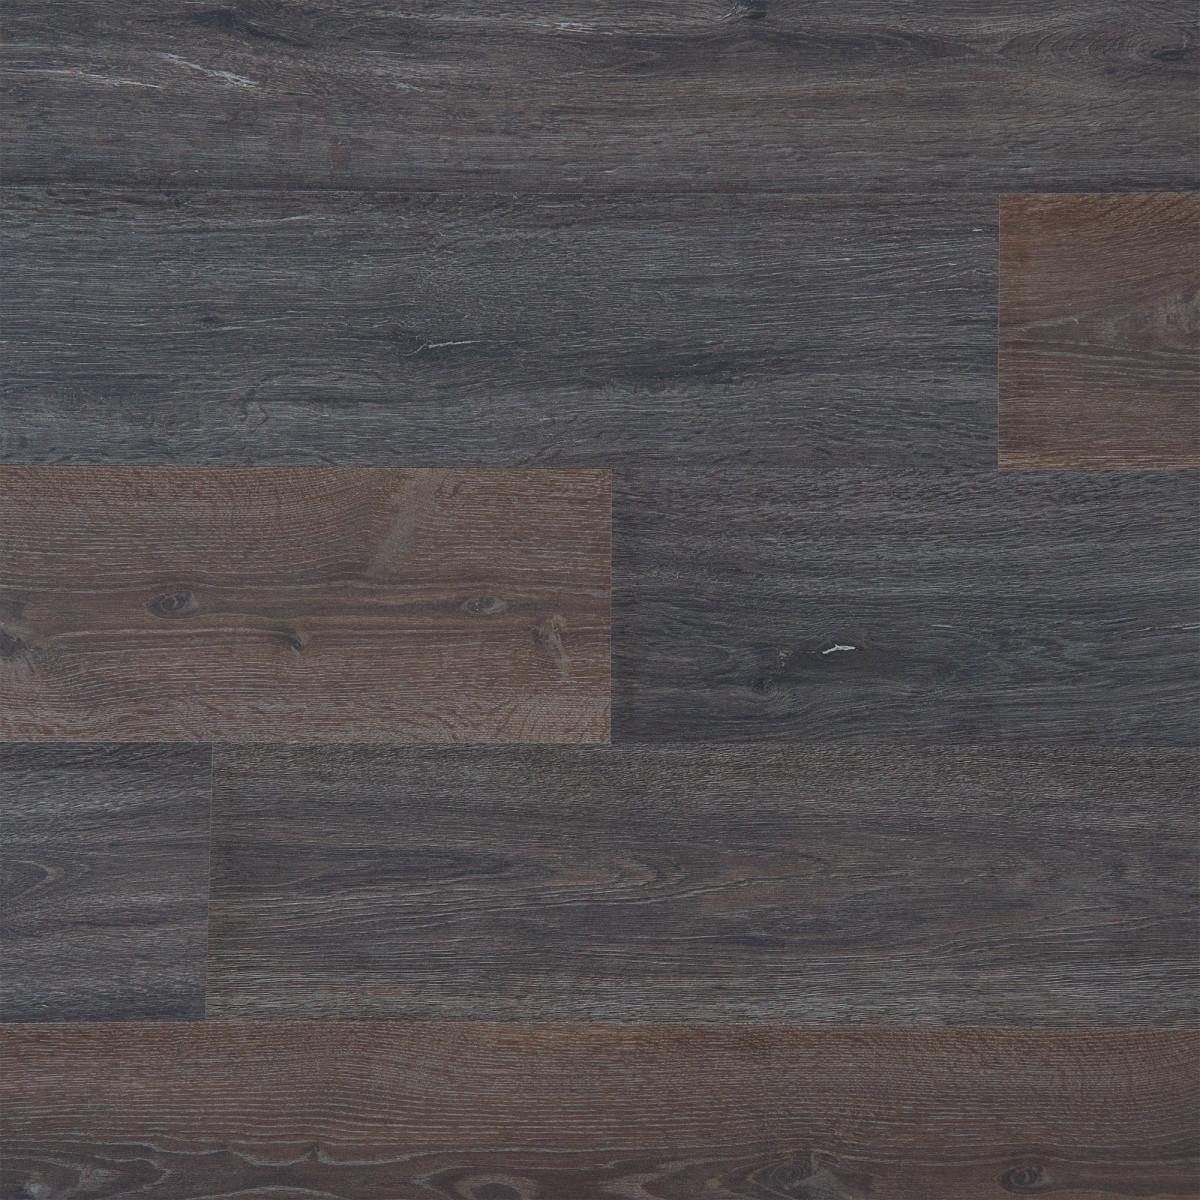 Ламинат Artens Элинга 33 класс толщина 12 мм 1.48 м²